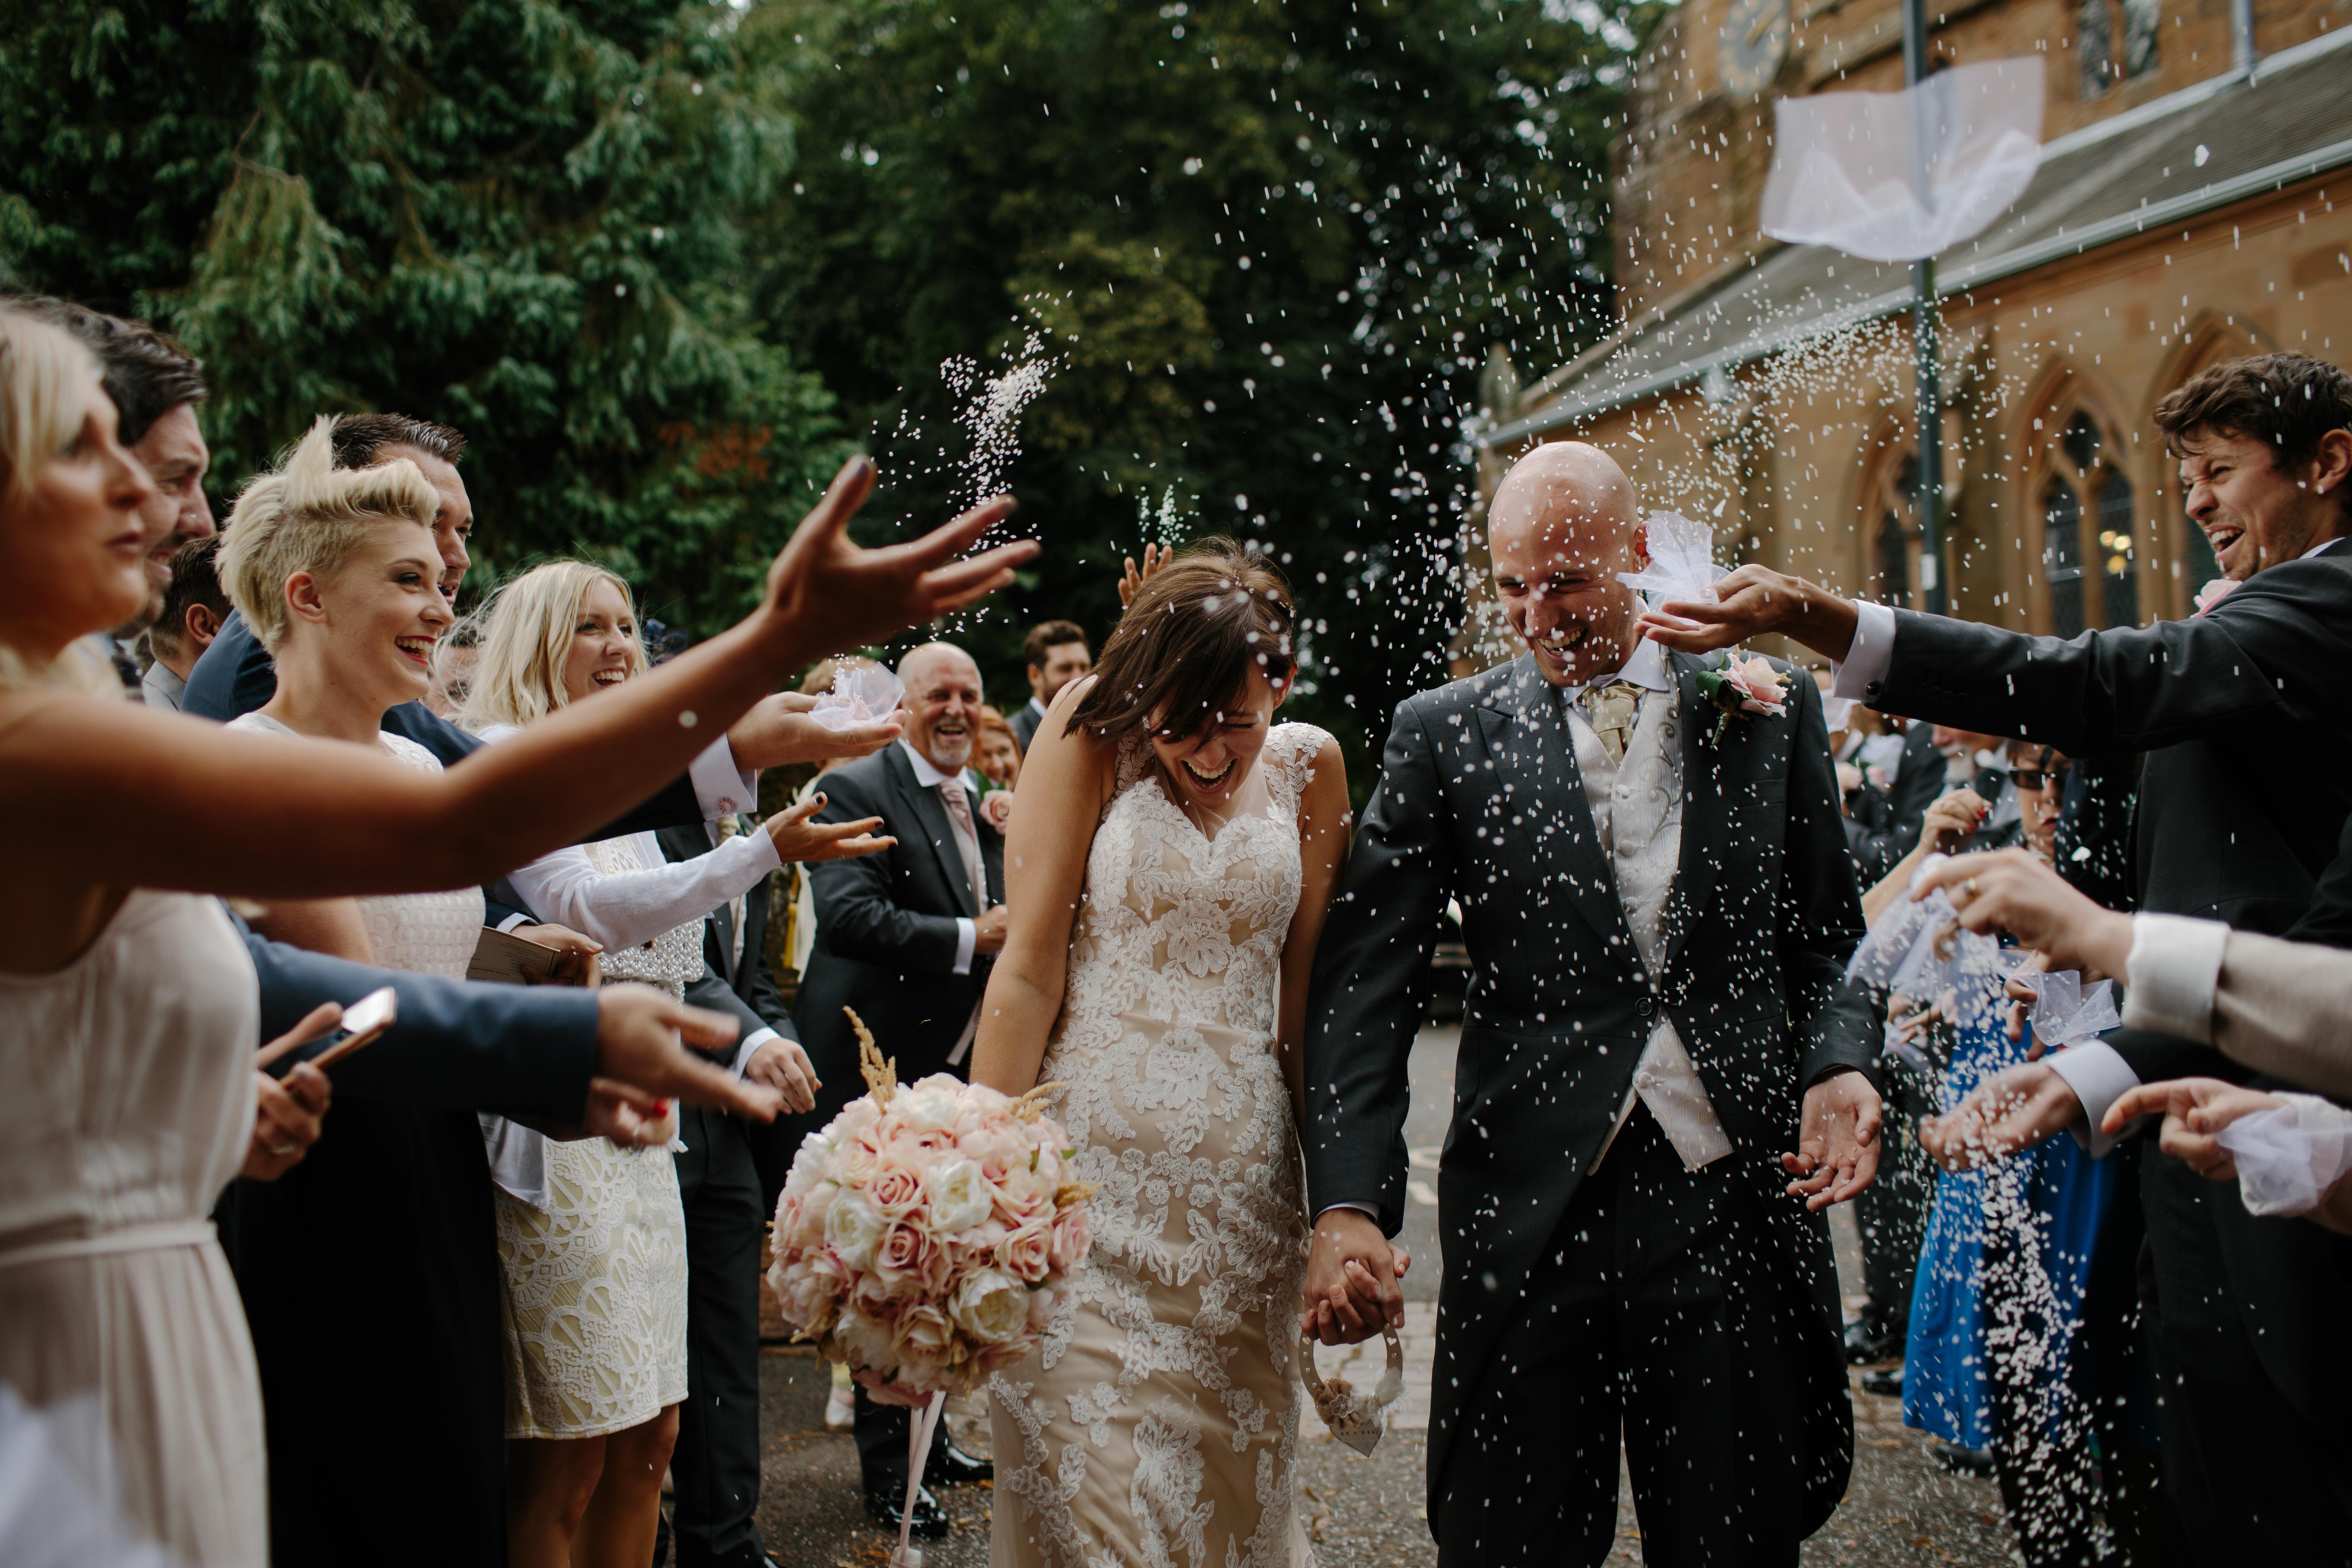 момента самороспуска качественные фотографии со свадеб верхнем левом